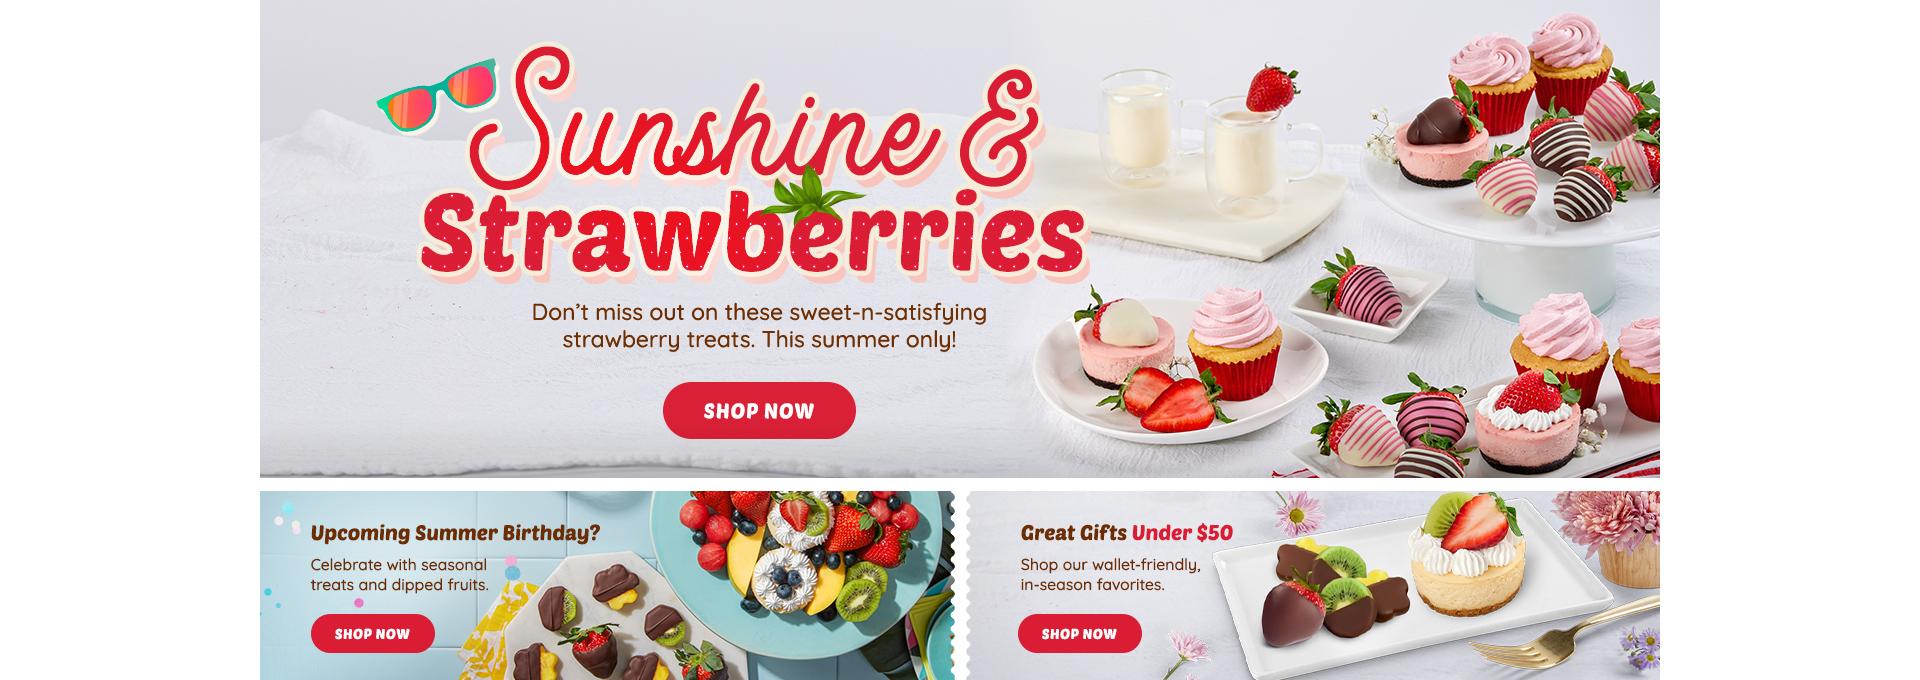 HP DT Strawberry Desserts, Birthday, Under 50